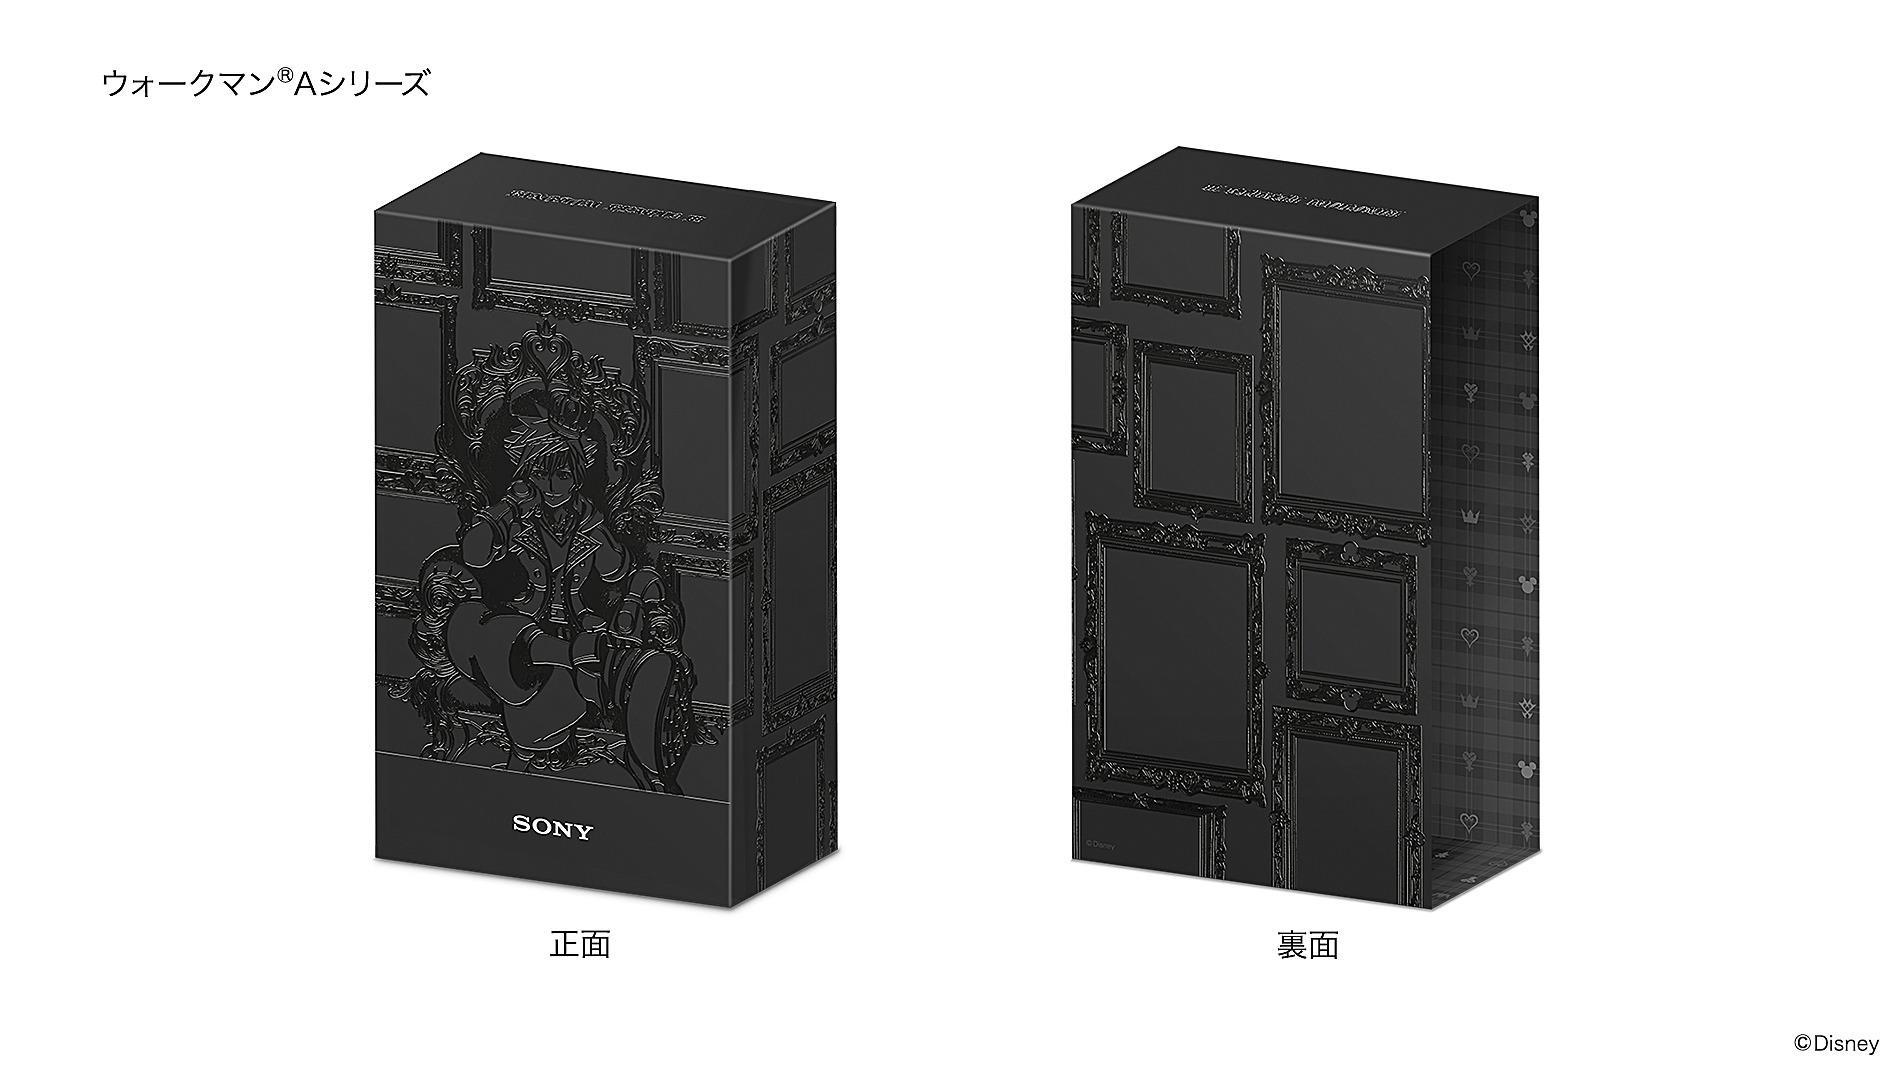 3300块两件套《王国之心3》限定Walkman+无线耳机